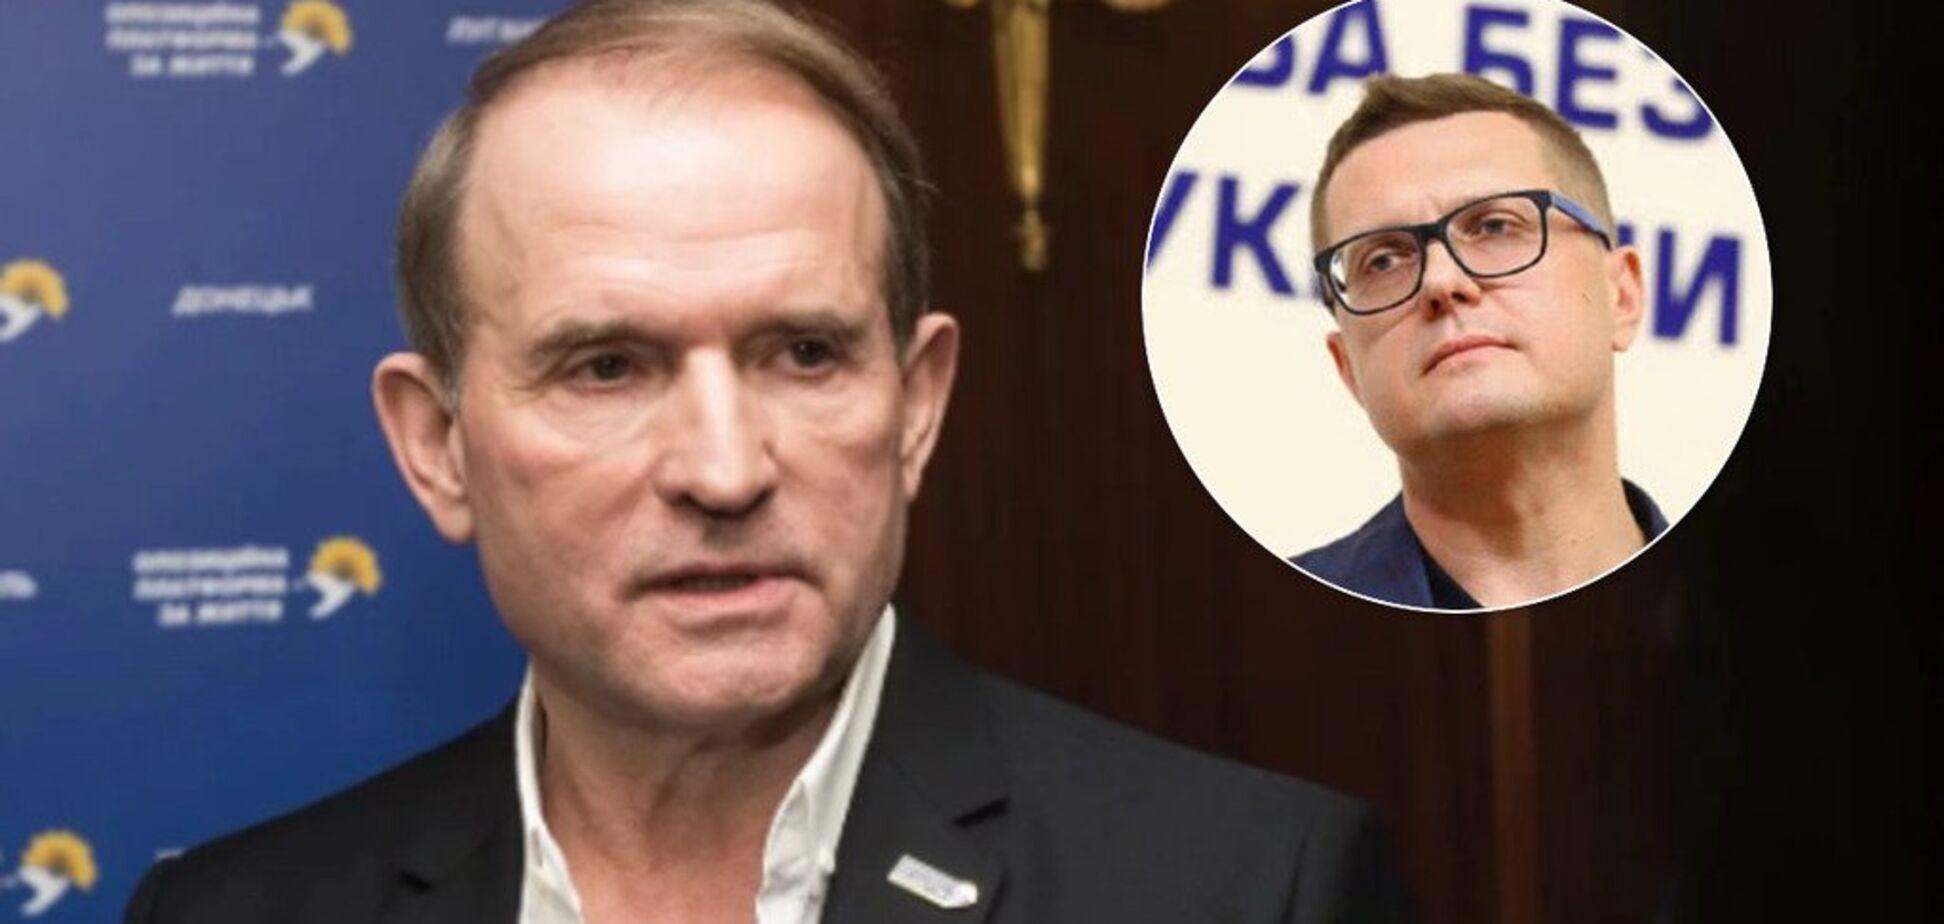 Медведчук 'выпросил' у 'Л/ДНР' пленных украинцев: появилась реакция СБУ